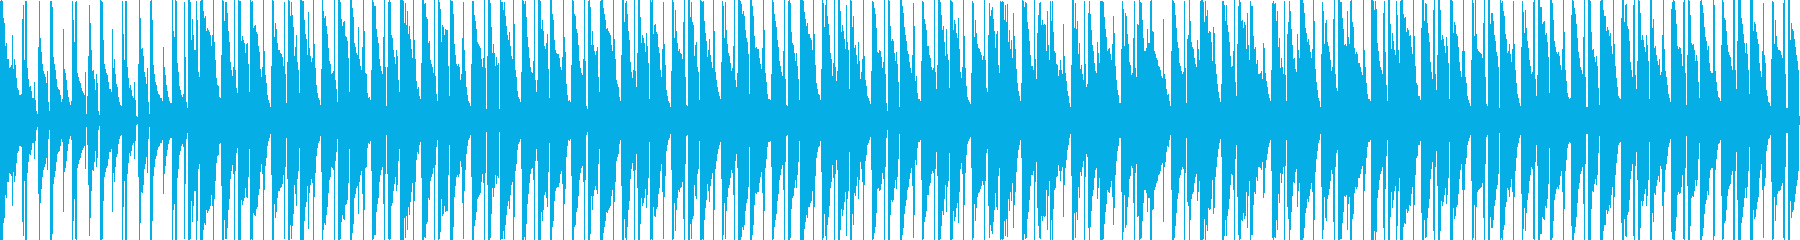 【ループ版】ウクレレとグロッケンの軽快での再生済みの波形